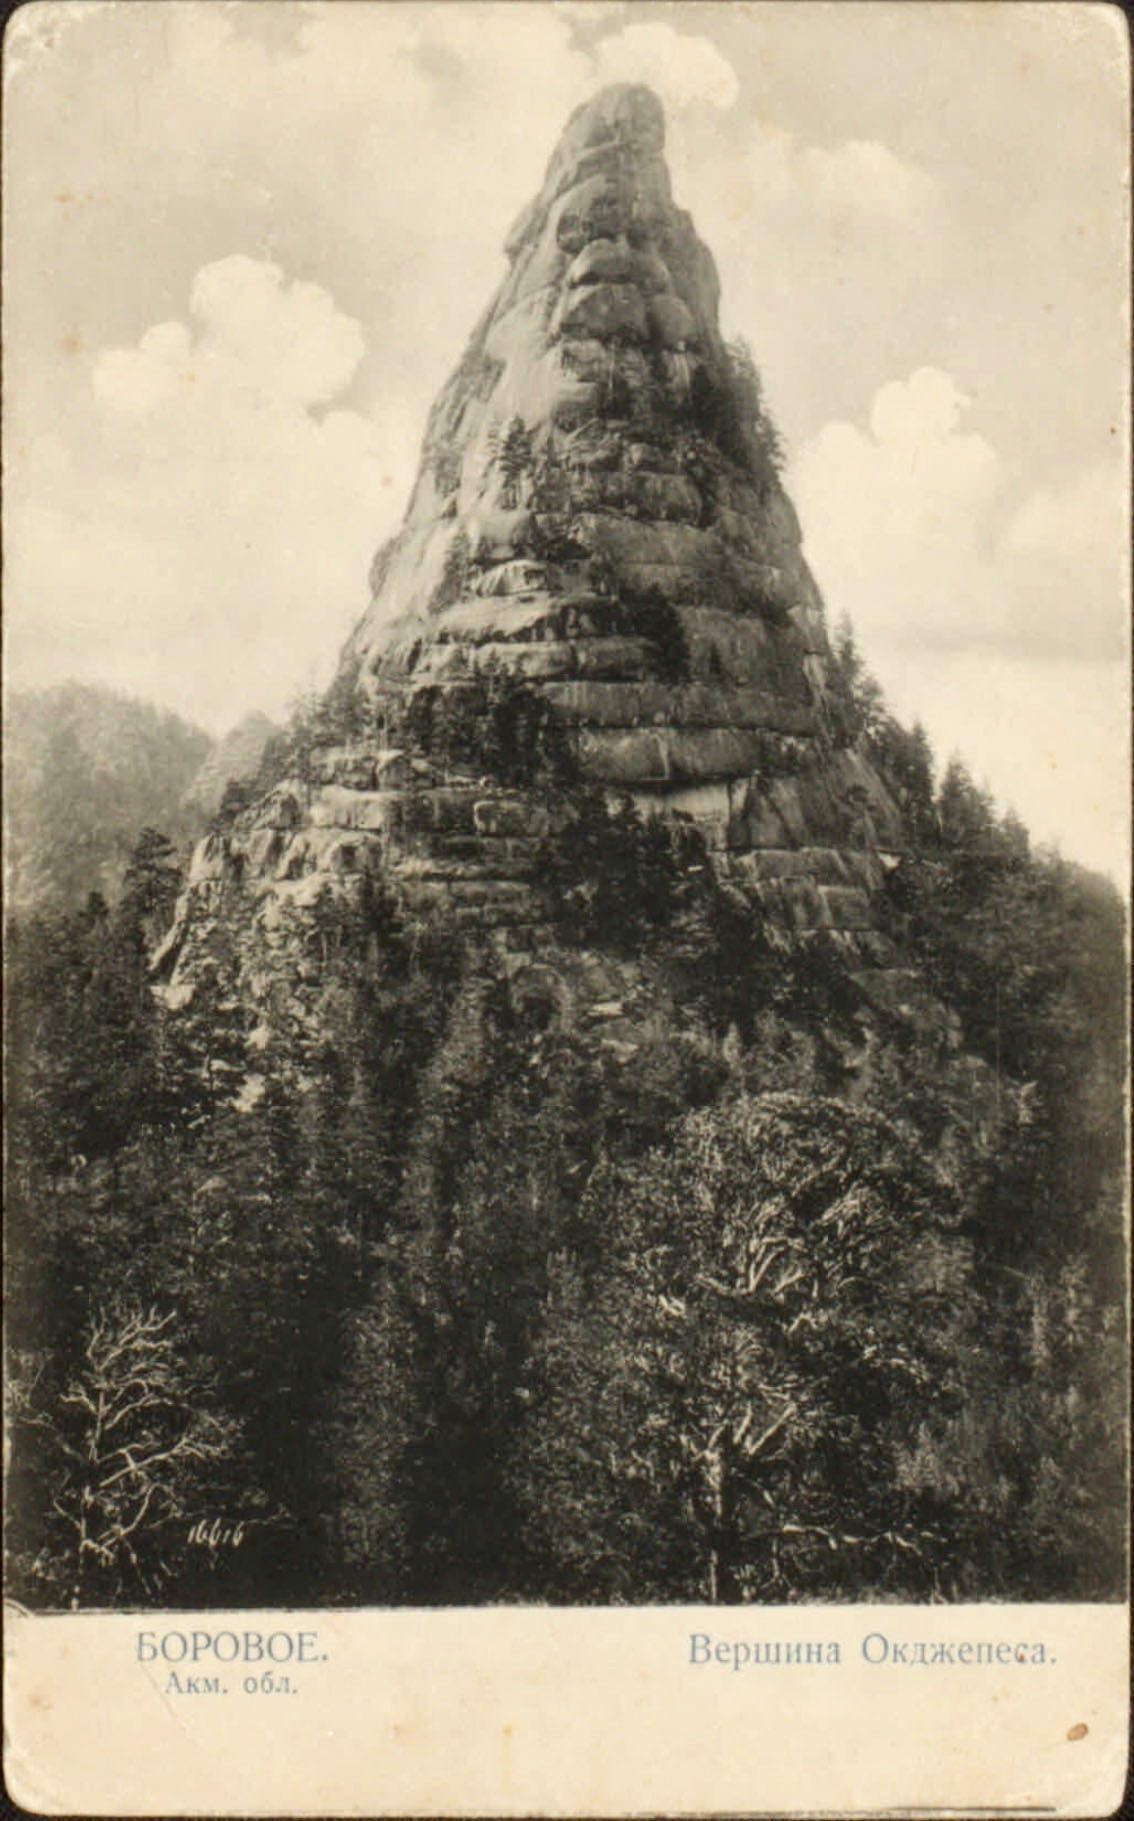 Боровое. Вершина Окджетпеса. Ретро открытка, 1900-е